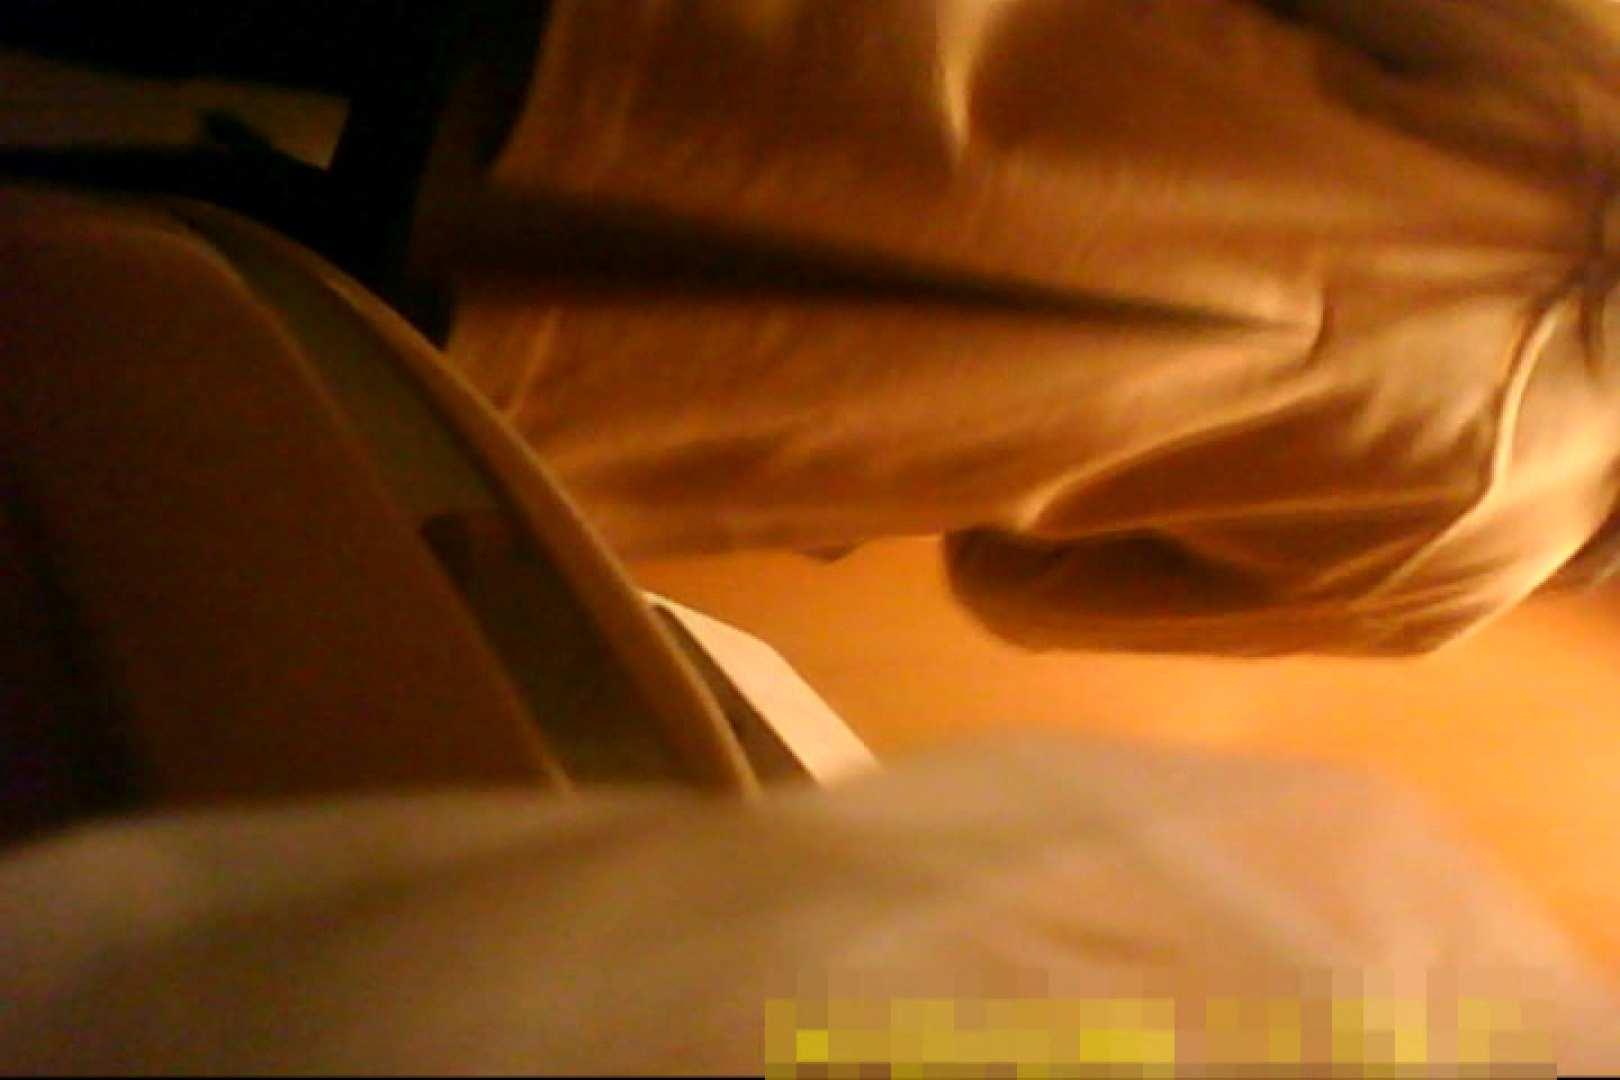 魅惑の化粧室~禁断のプライベート空間~vol.8 プライベート 盗み撮り動画キャプチャ 87PIX 59